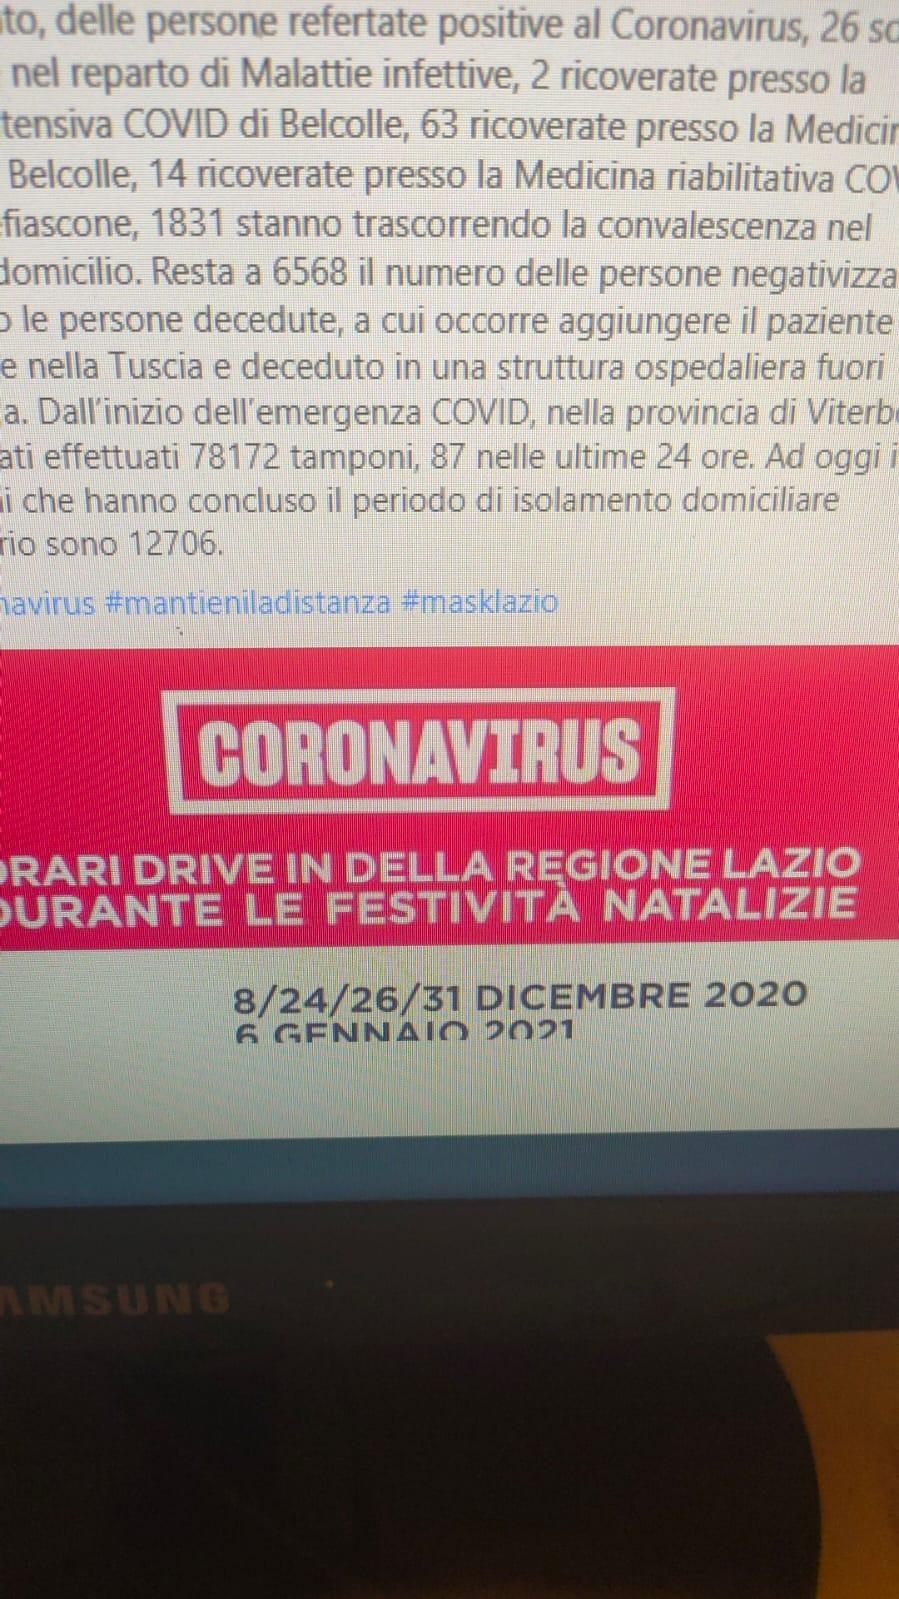 Viterbo, Covid, morto un 70enne, 73 nuovi casi positivi su 87 tamponi effettuati, dati più che preoccupanti, dove è Arena?